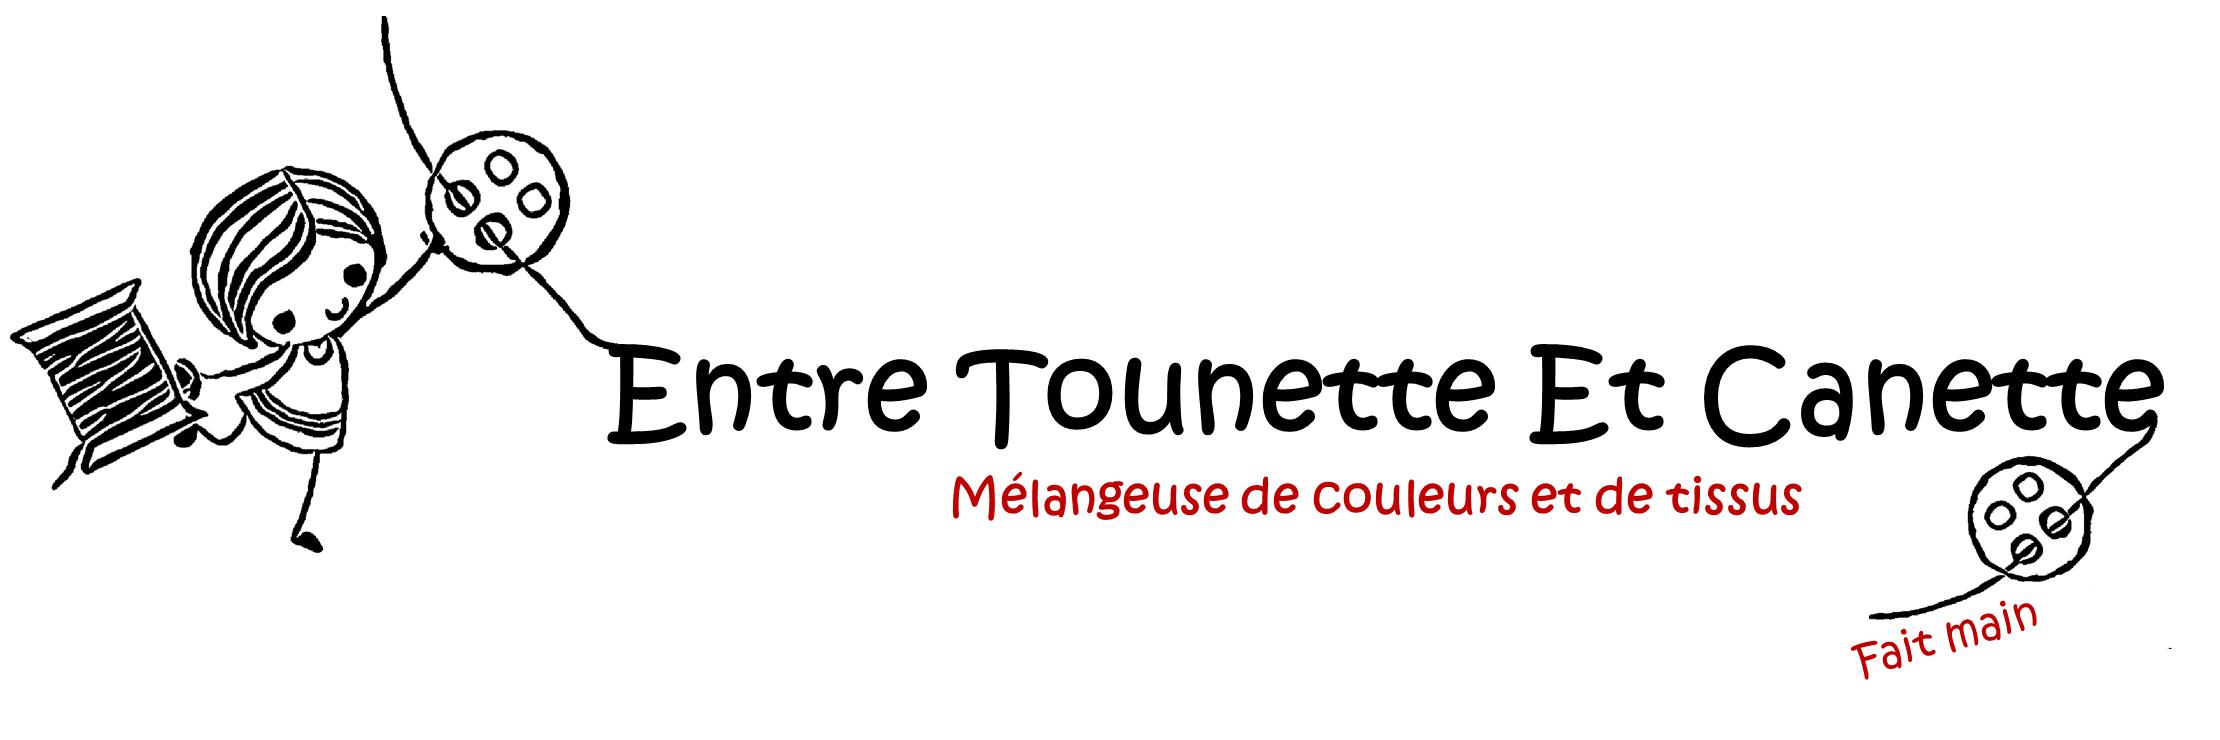 entre-tounette-et-canette